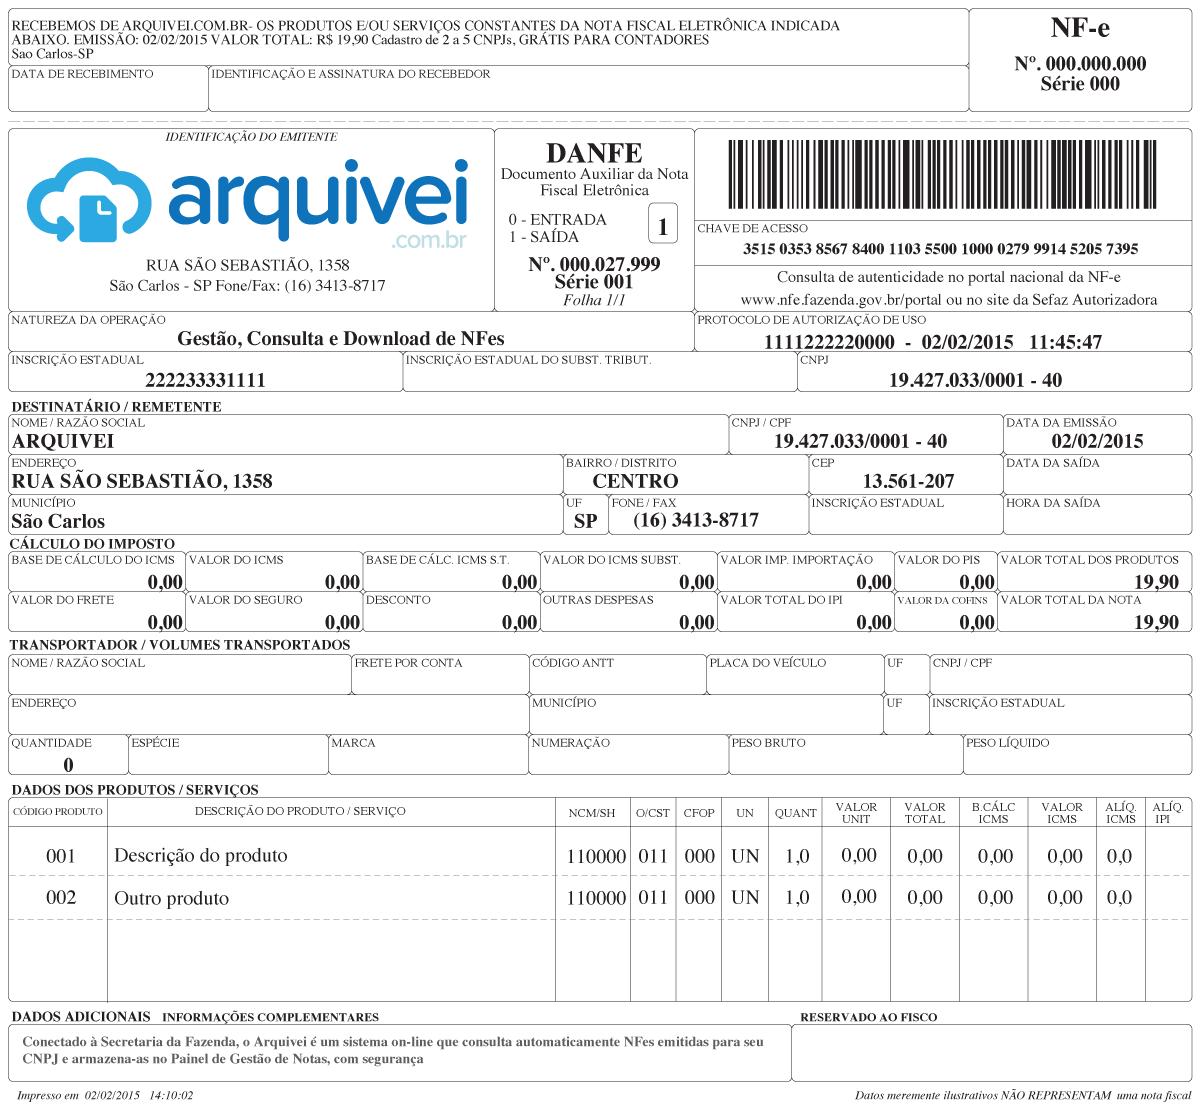 Eis o Documento auxiliar de Nota Fiscal eletrônica. O Arquivei gera automáticamente a DANFe da NFe que foi emitida para o seu CNPJ. Foto: Reprodução